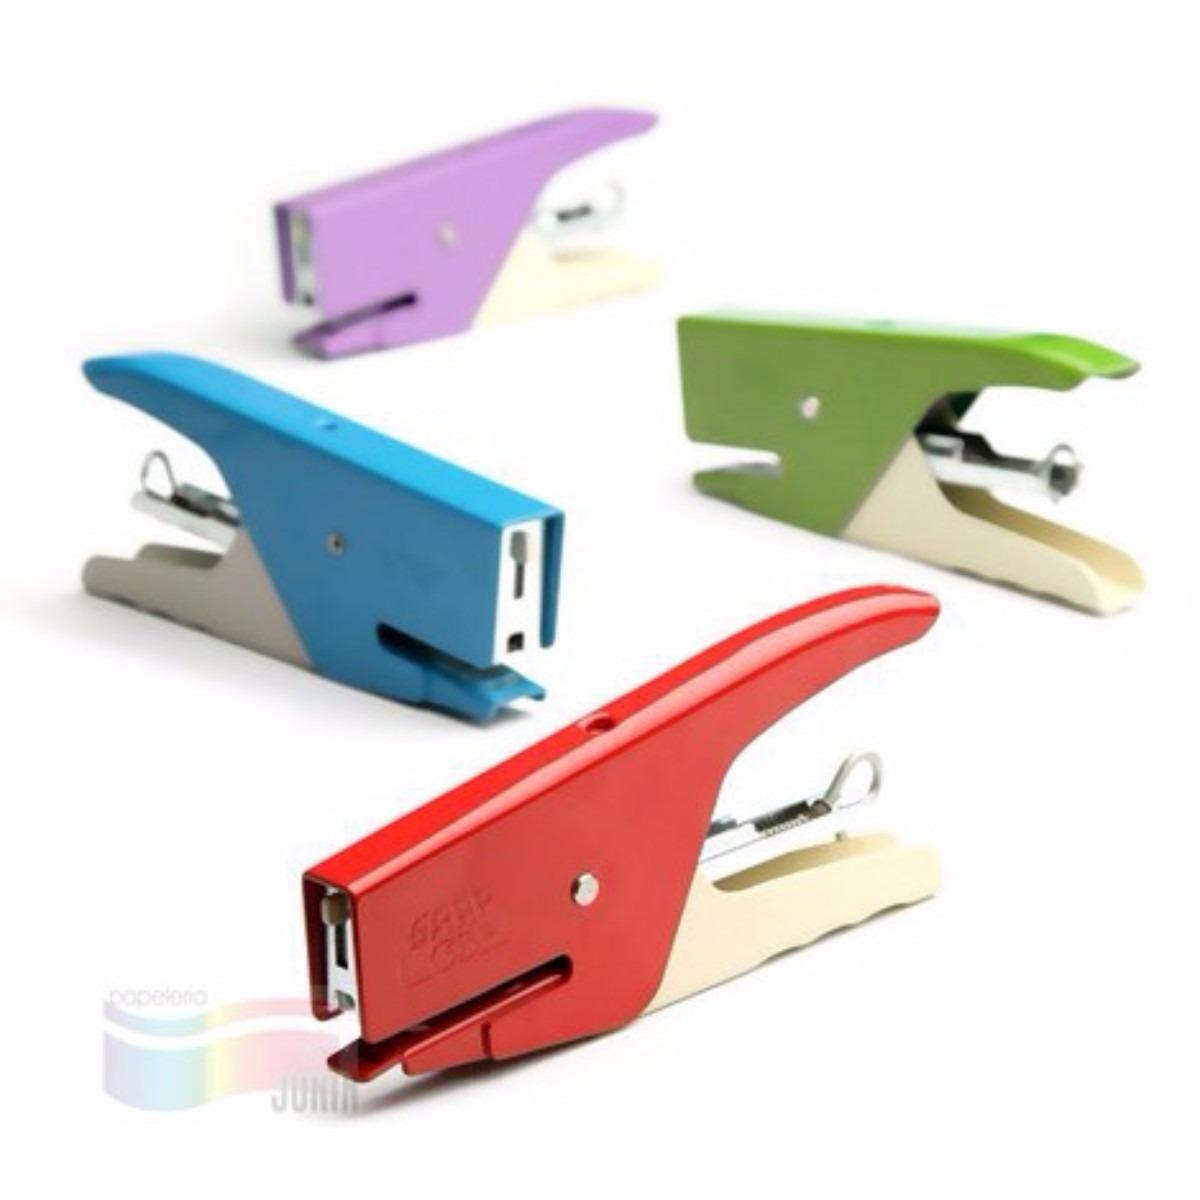 Abrochadora GRAP 65 colores varios